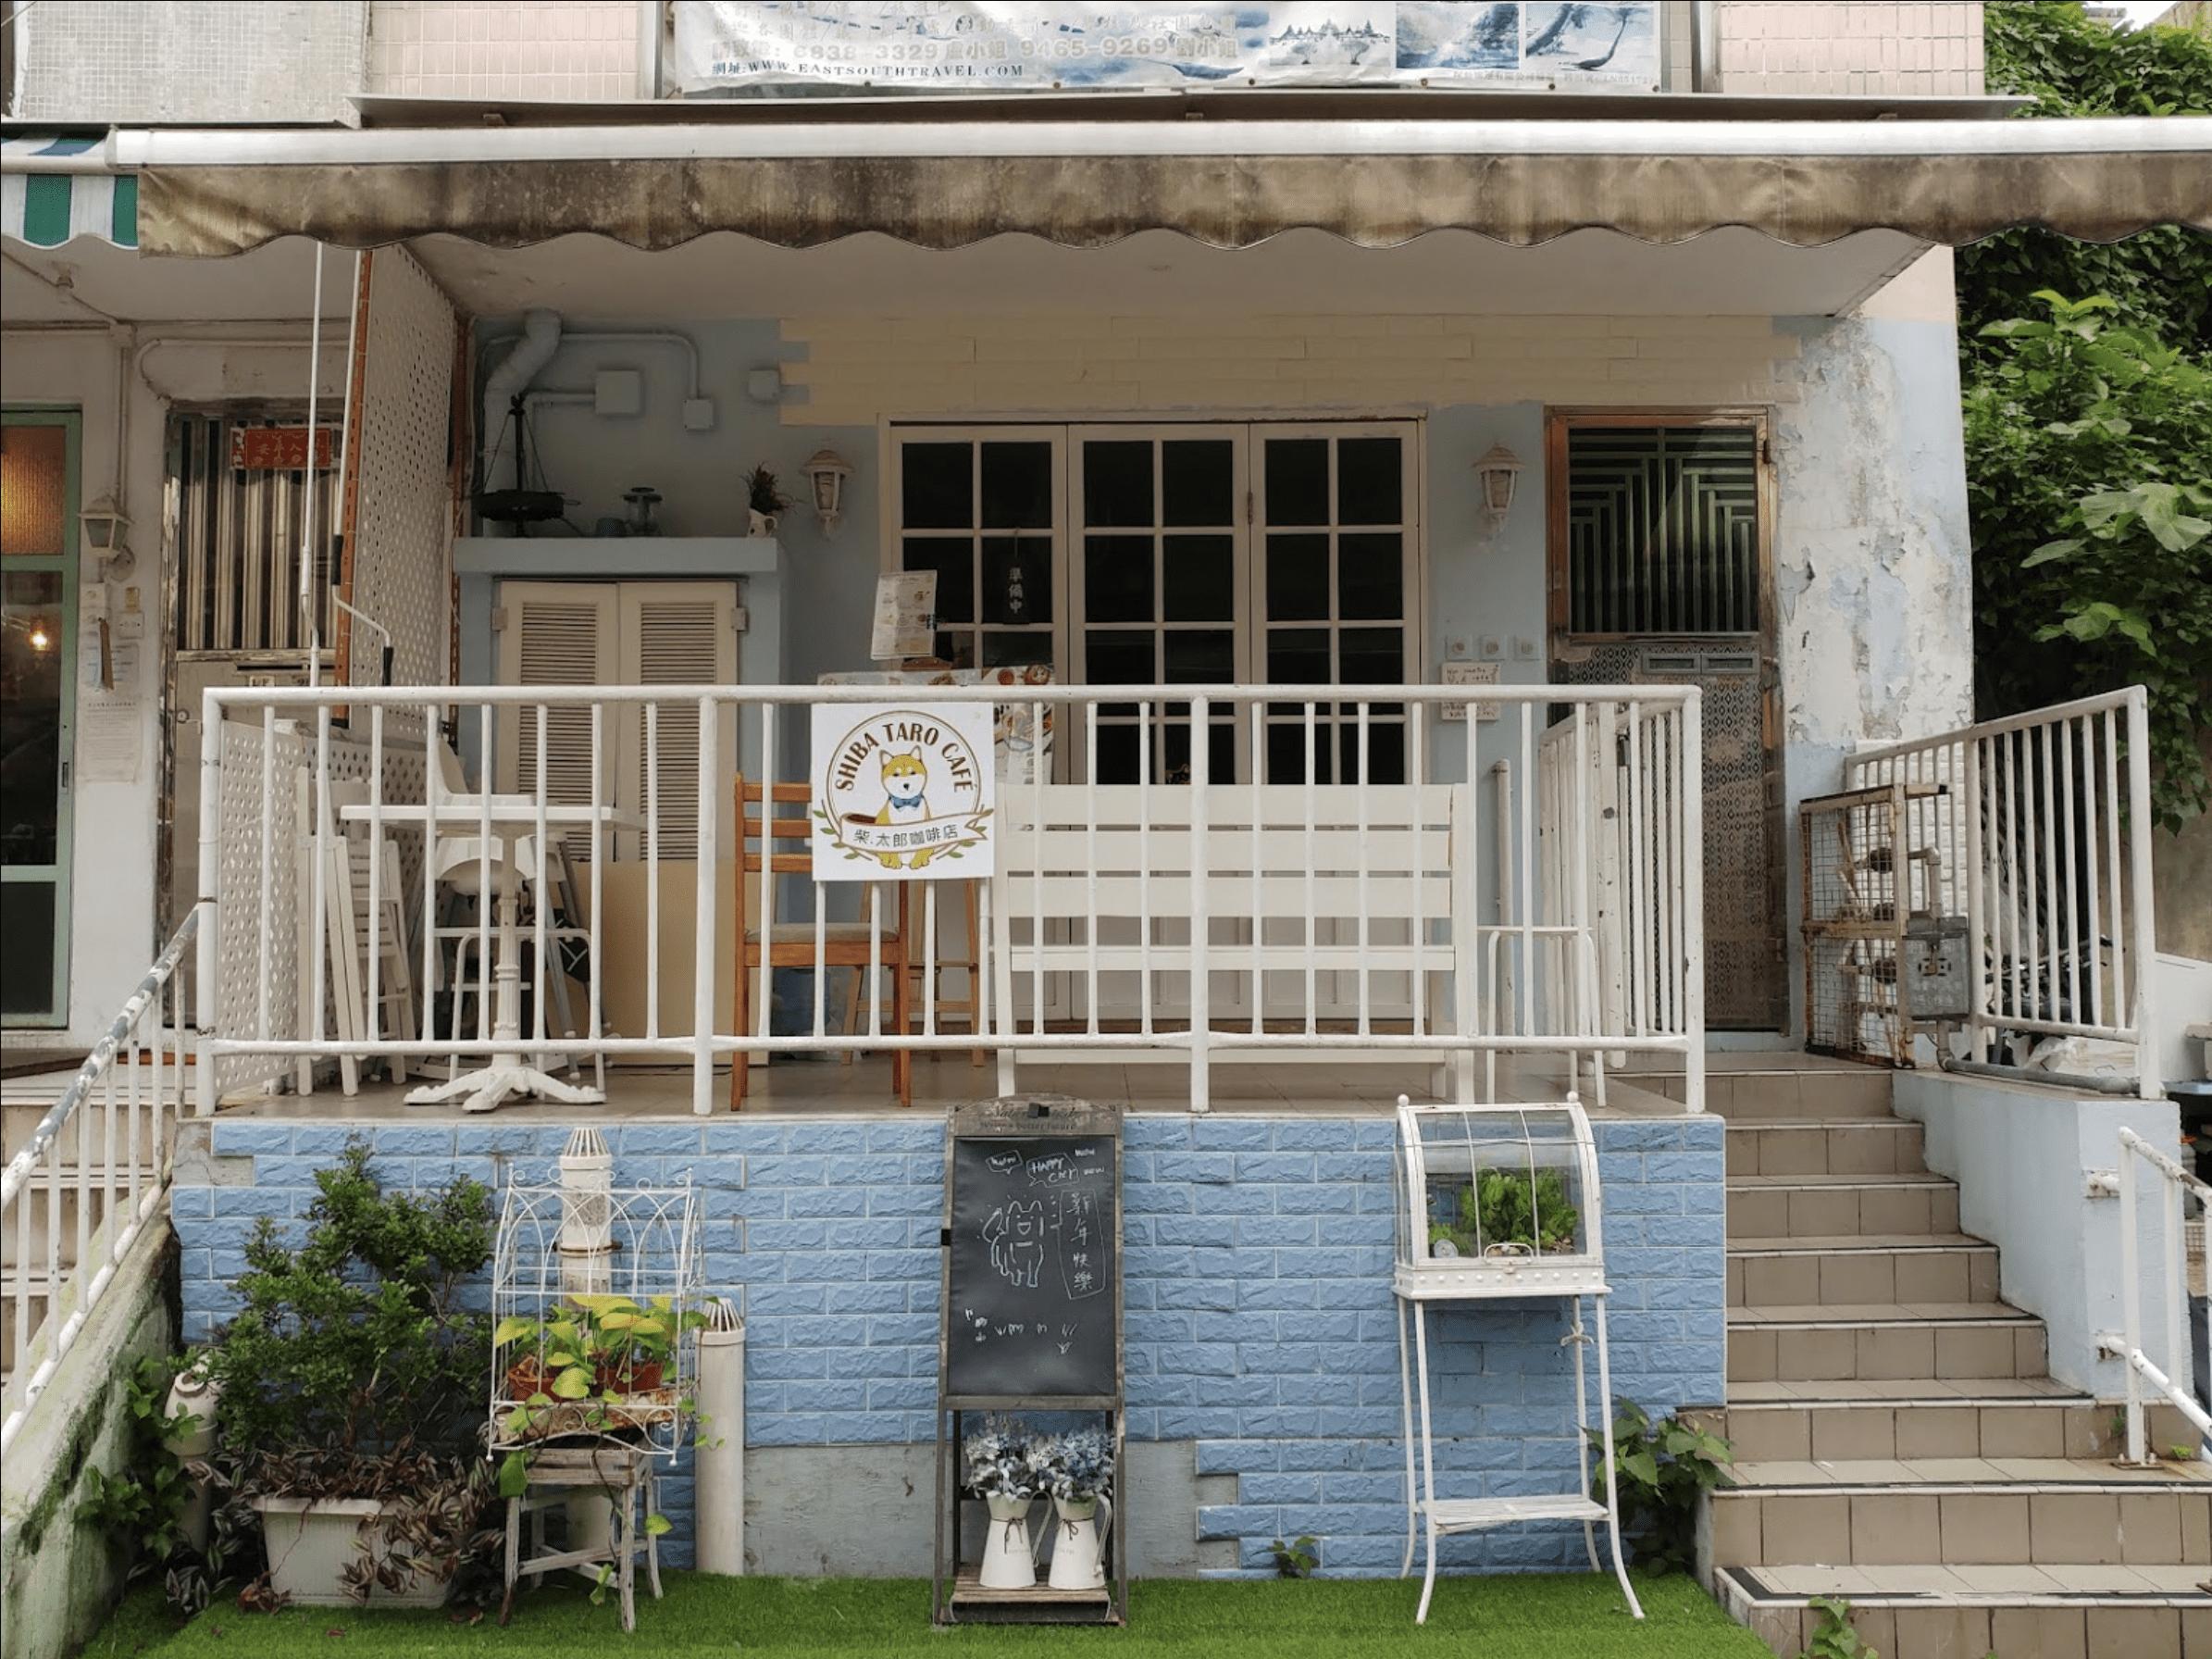 西贡美食/Let's Jam 一起果酱/西贡市场街9号地下/果酱九宫格多士/炸香草芝士条/和牛汉堡